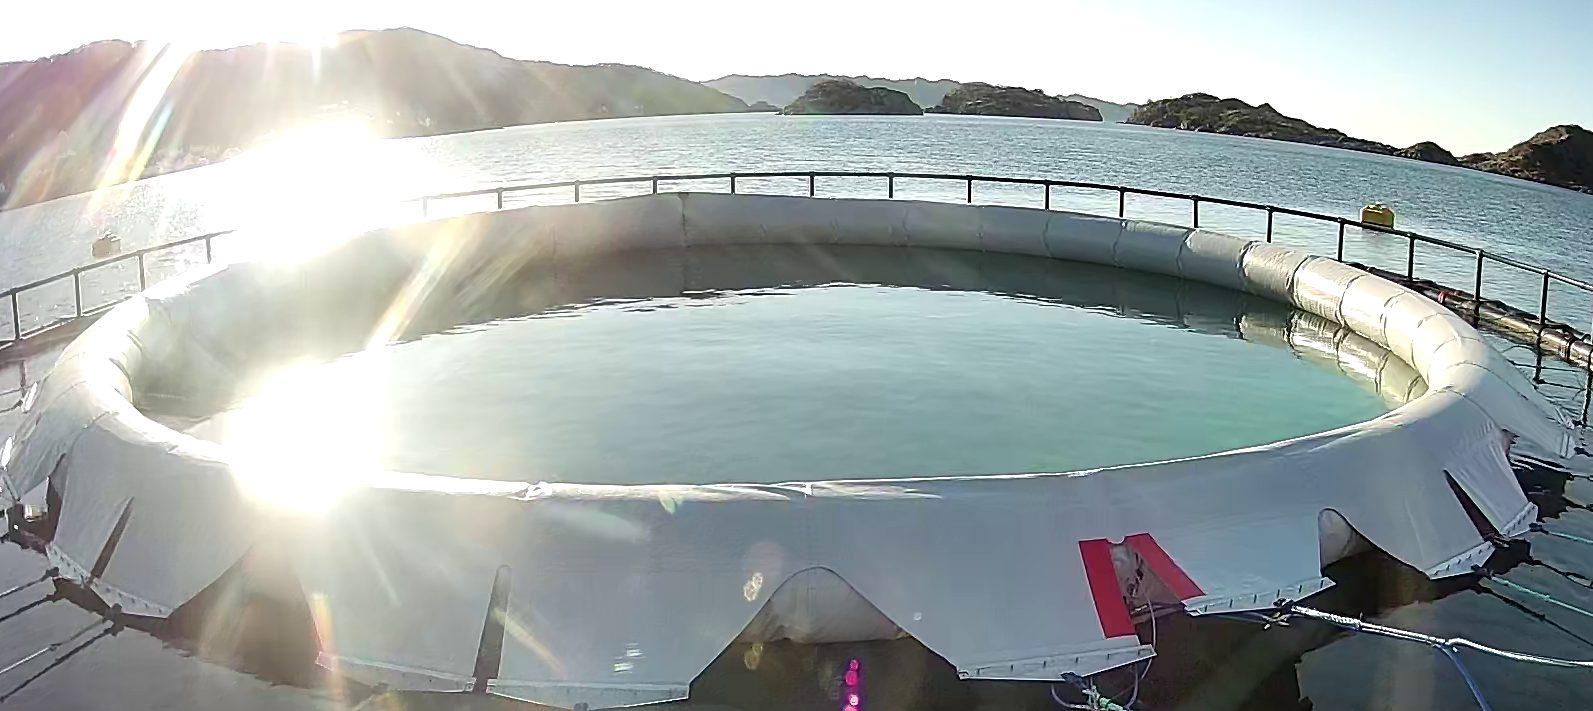 Prototype af det lukkede fiskebur Starfish, hvor SOLIDWORKS Flow Simulation er anvendt